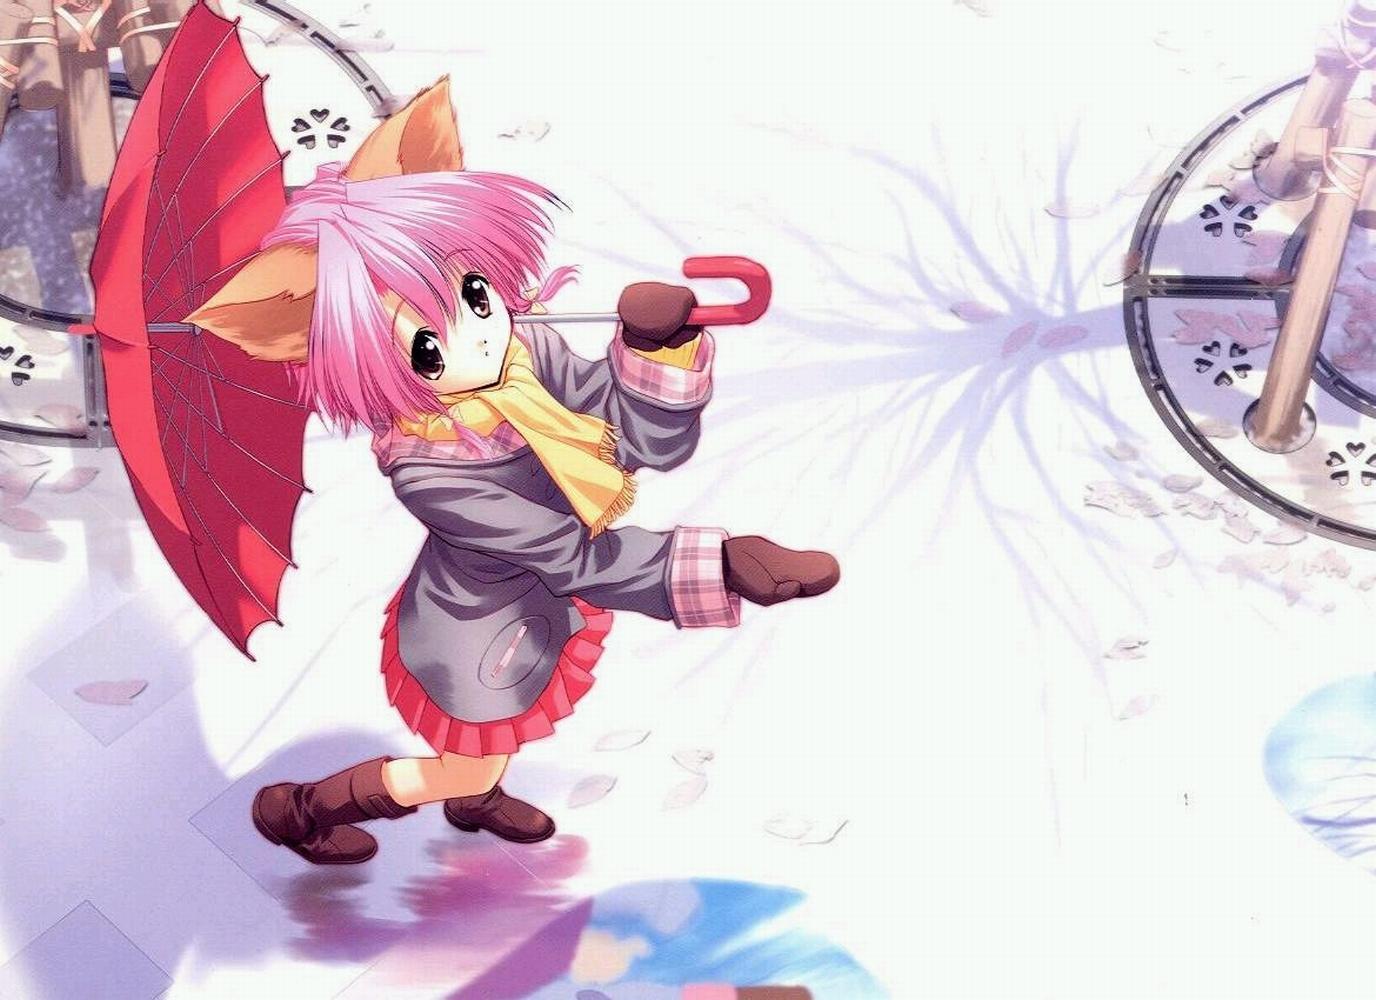 Anna k гиф аниме аватарки аниме анимация